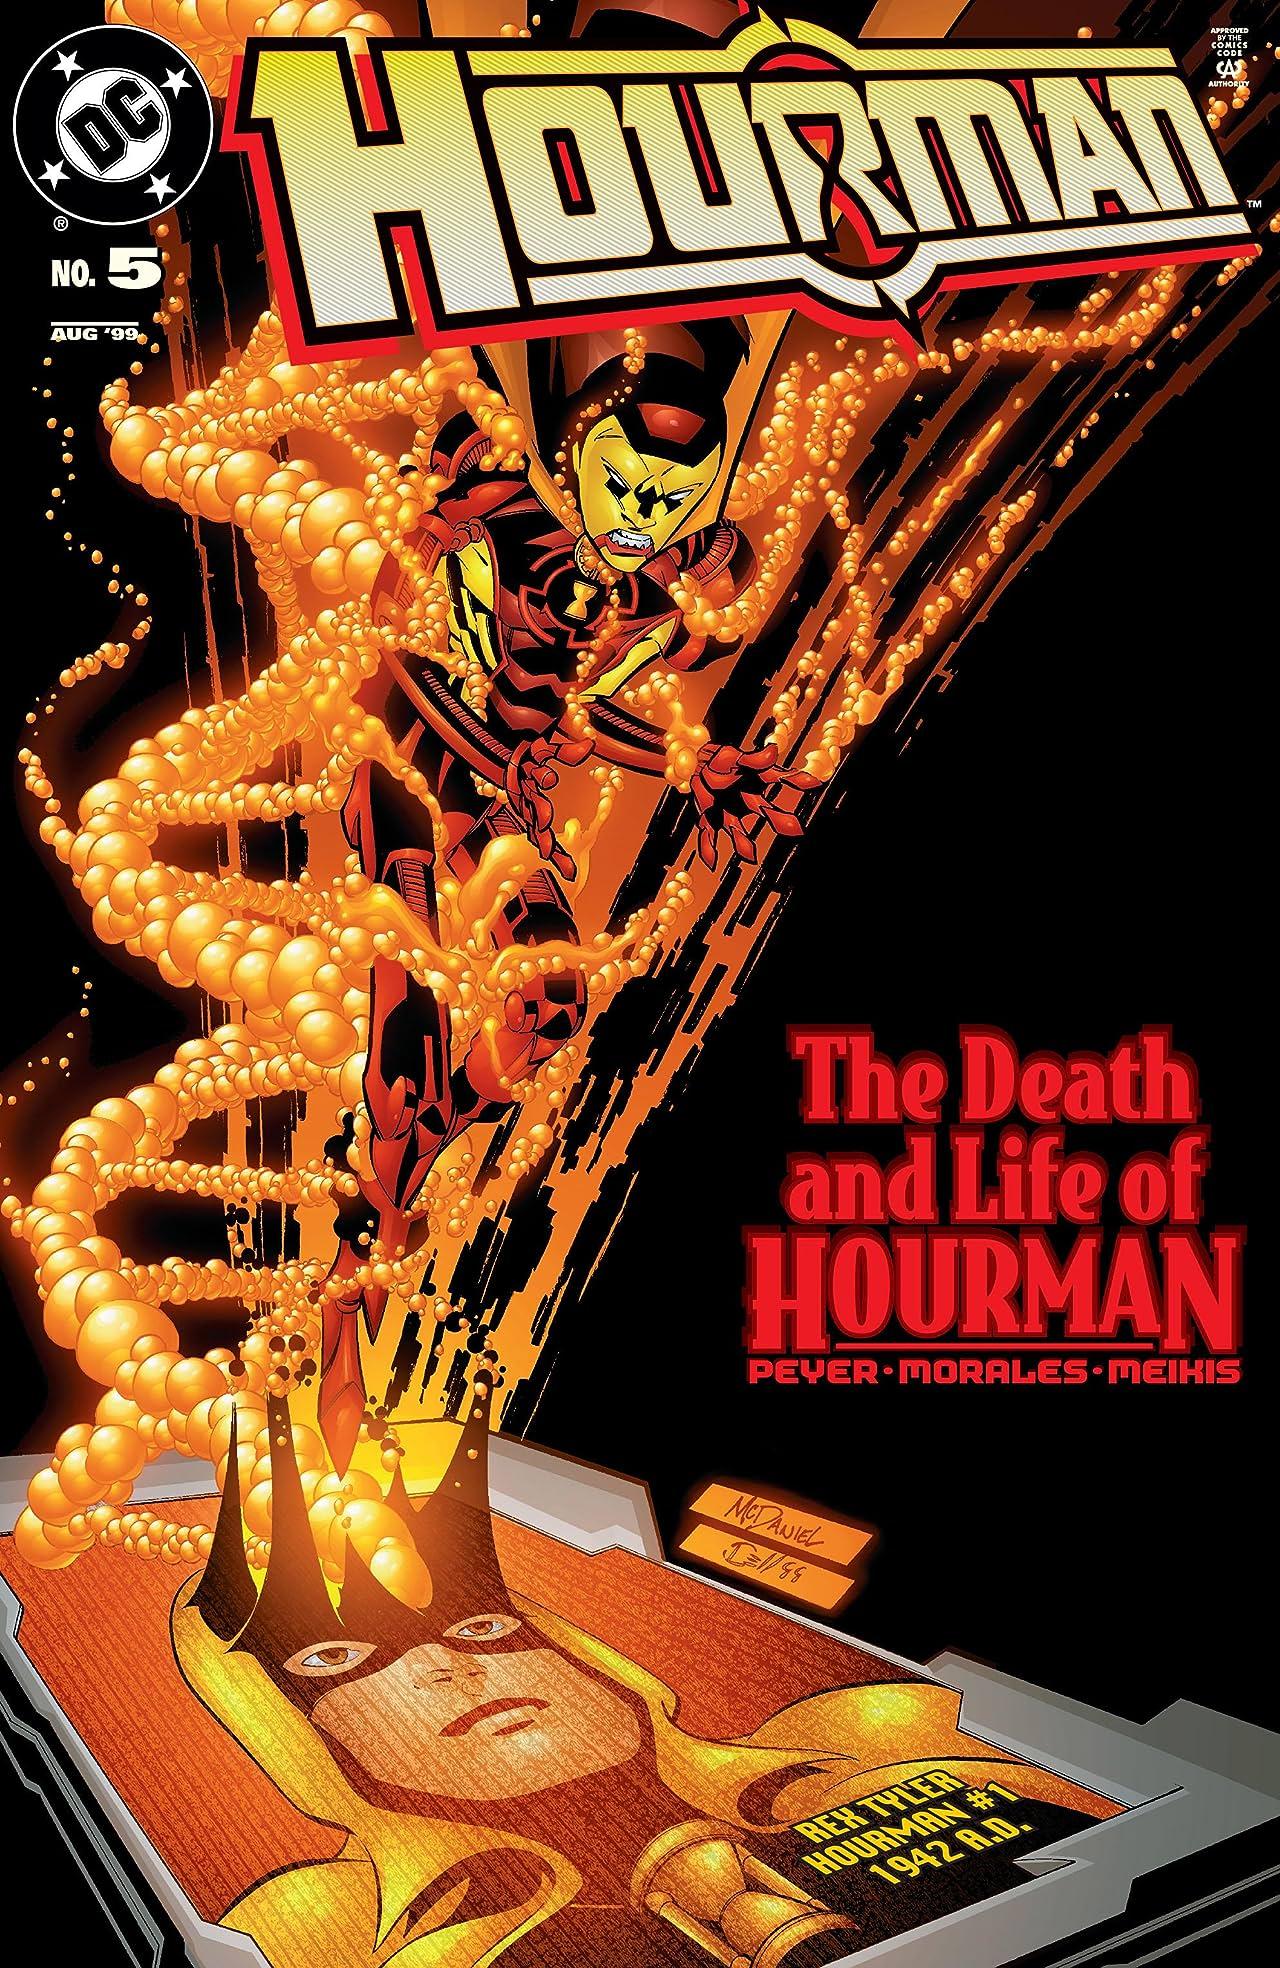 Hourman (1999-2001) #5